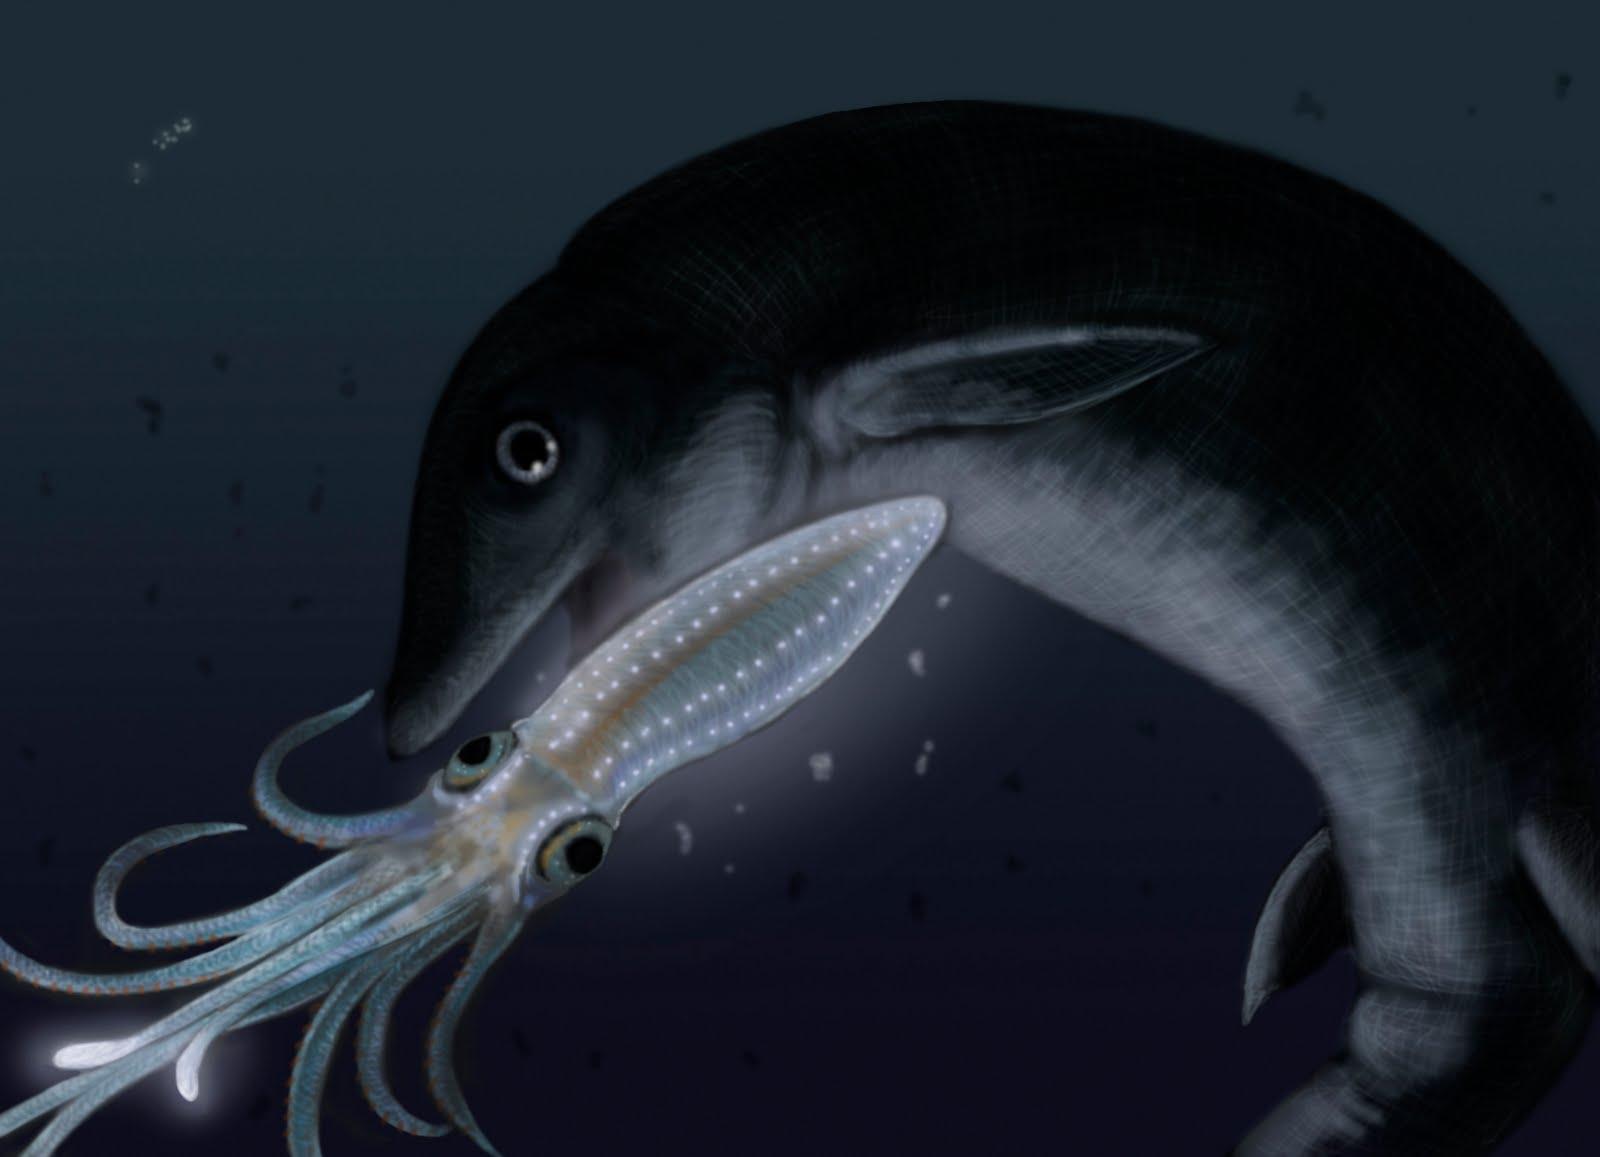 http://1.bp.blogspot.com/-7P3pjyFhP9g/TefJD5OERRI/AAAAAAAABUc/vuuN57W9vuA/s1600/deep_sea_ichthyosaur_by_eurwentala-d3h6ez3.jpg